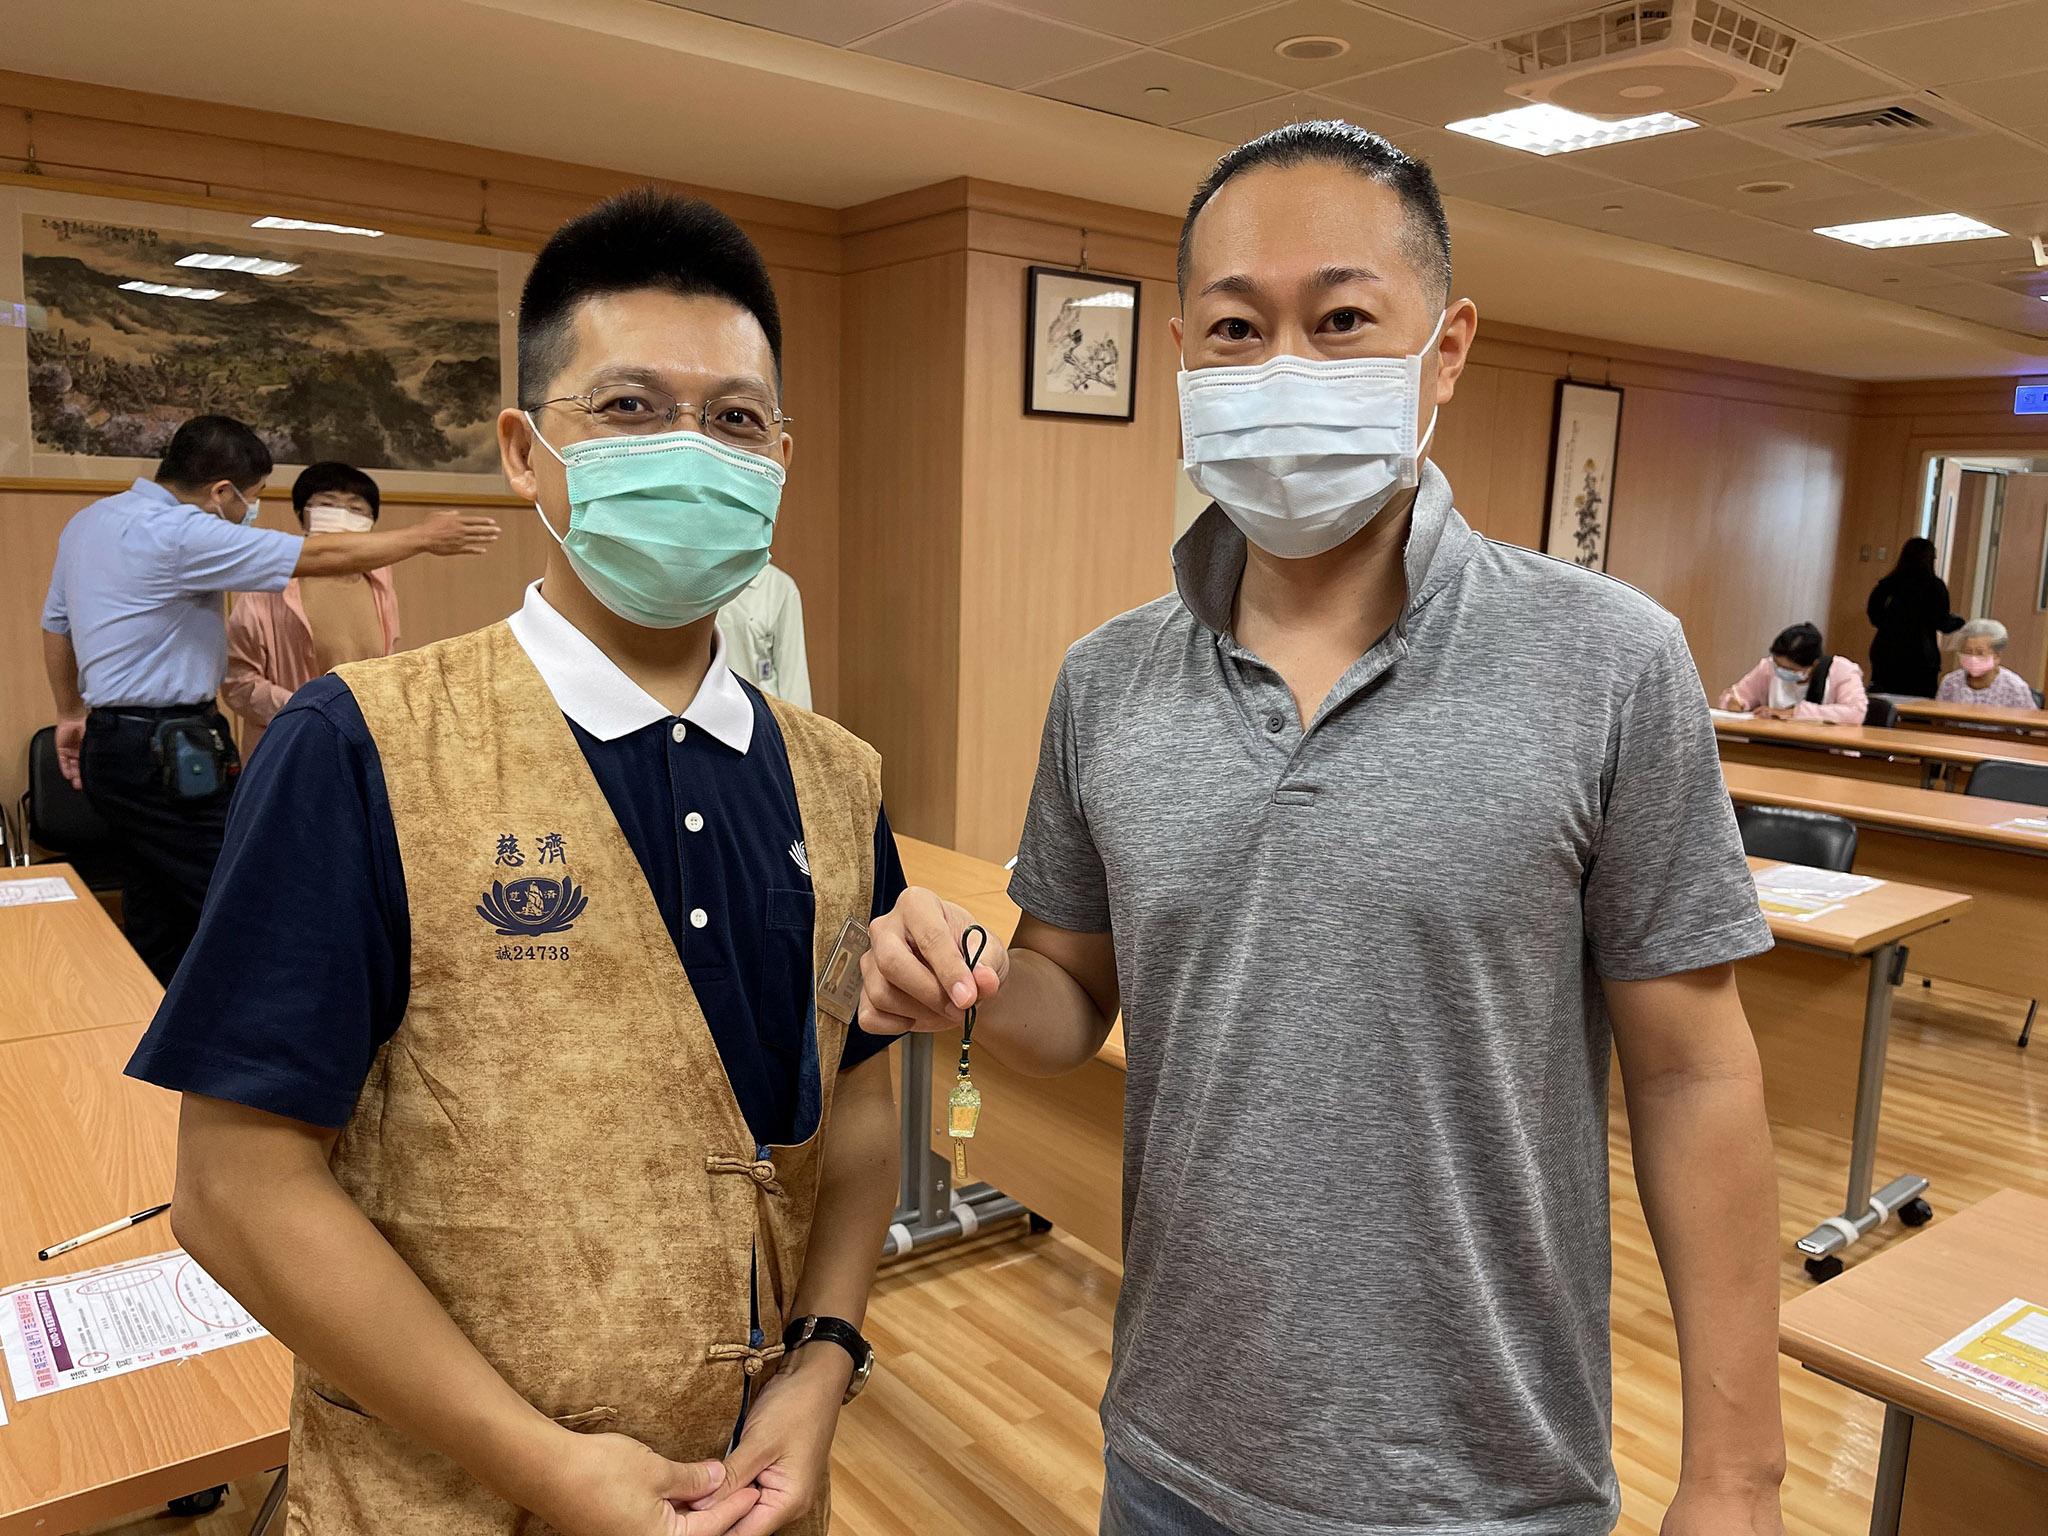 市川先生(右)獲贈靜思祈福心燈吊飾,特地與日語志工劉奕男師兄(左)合影。